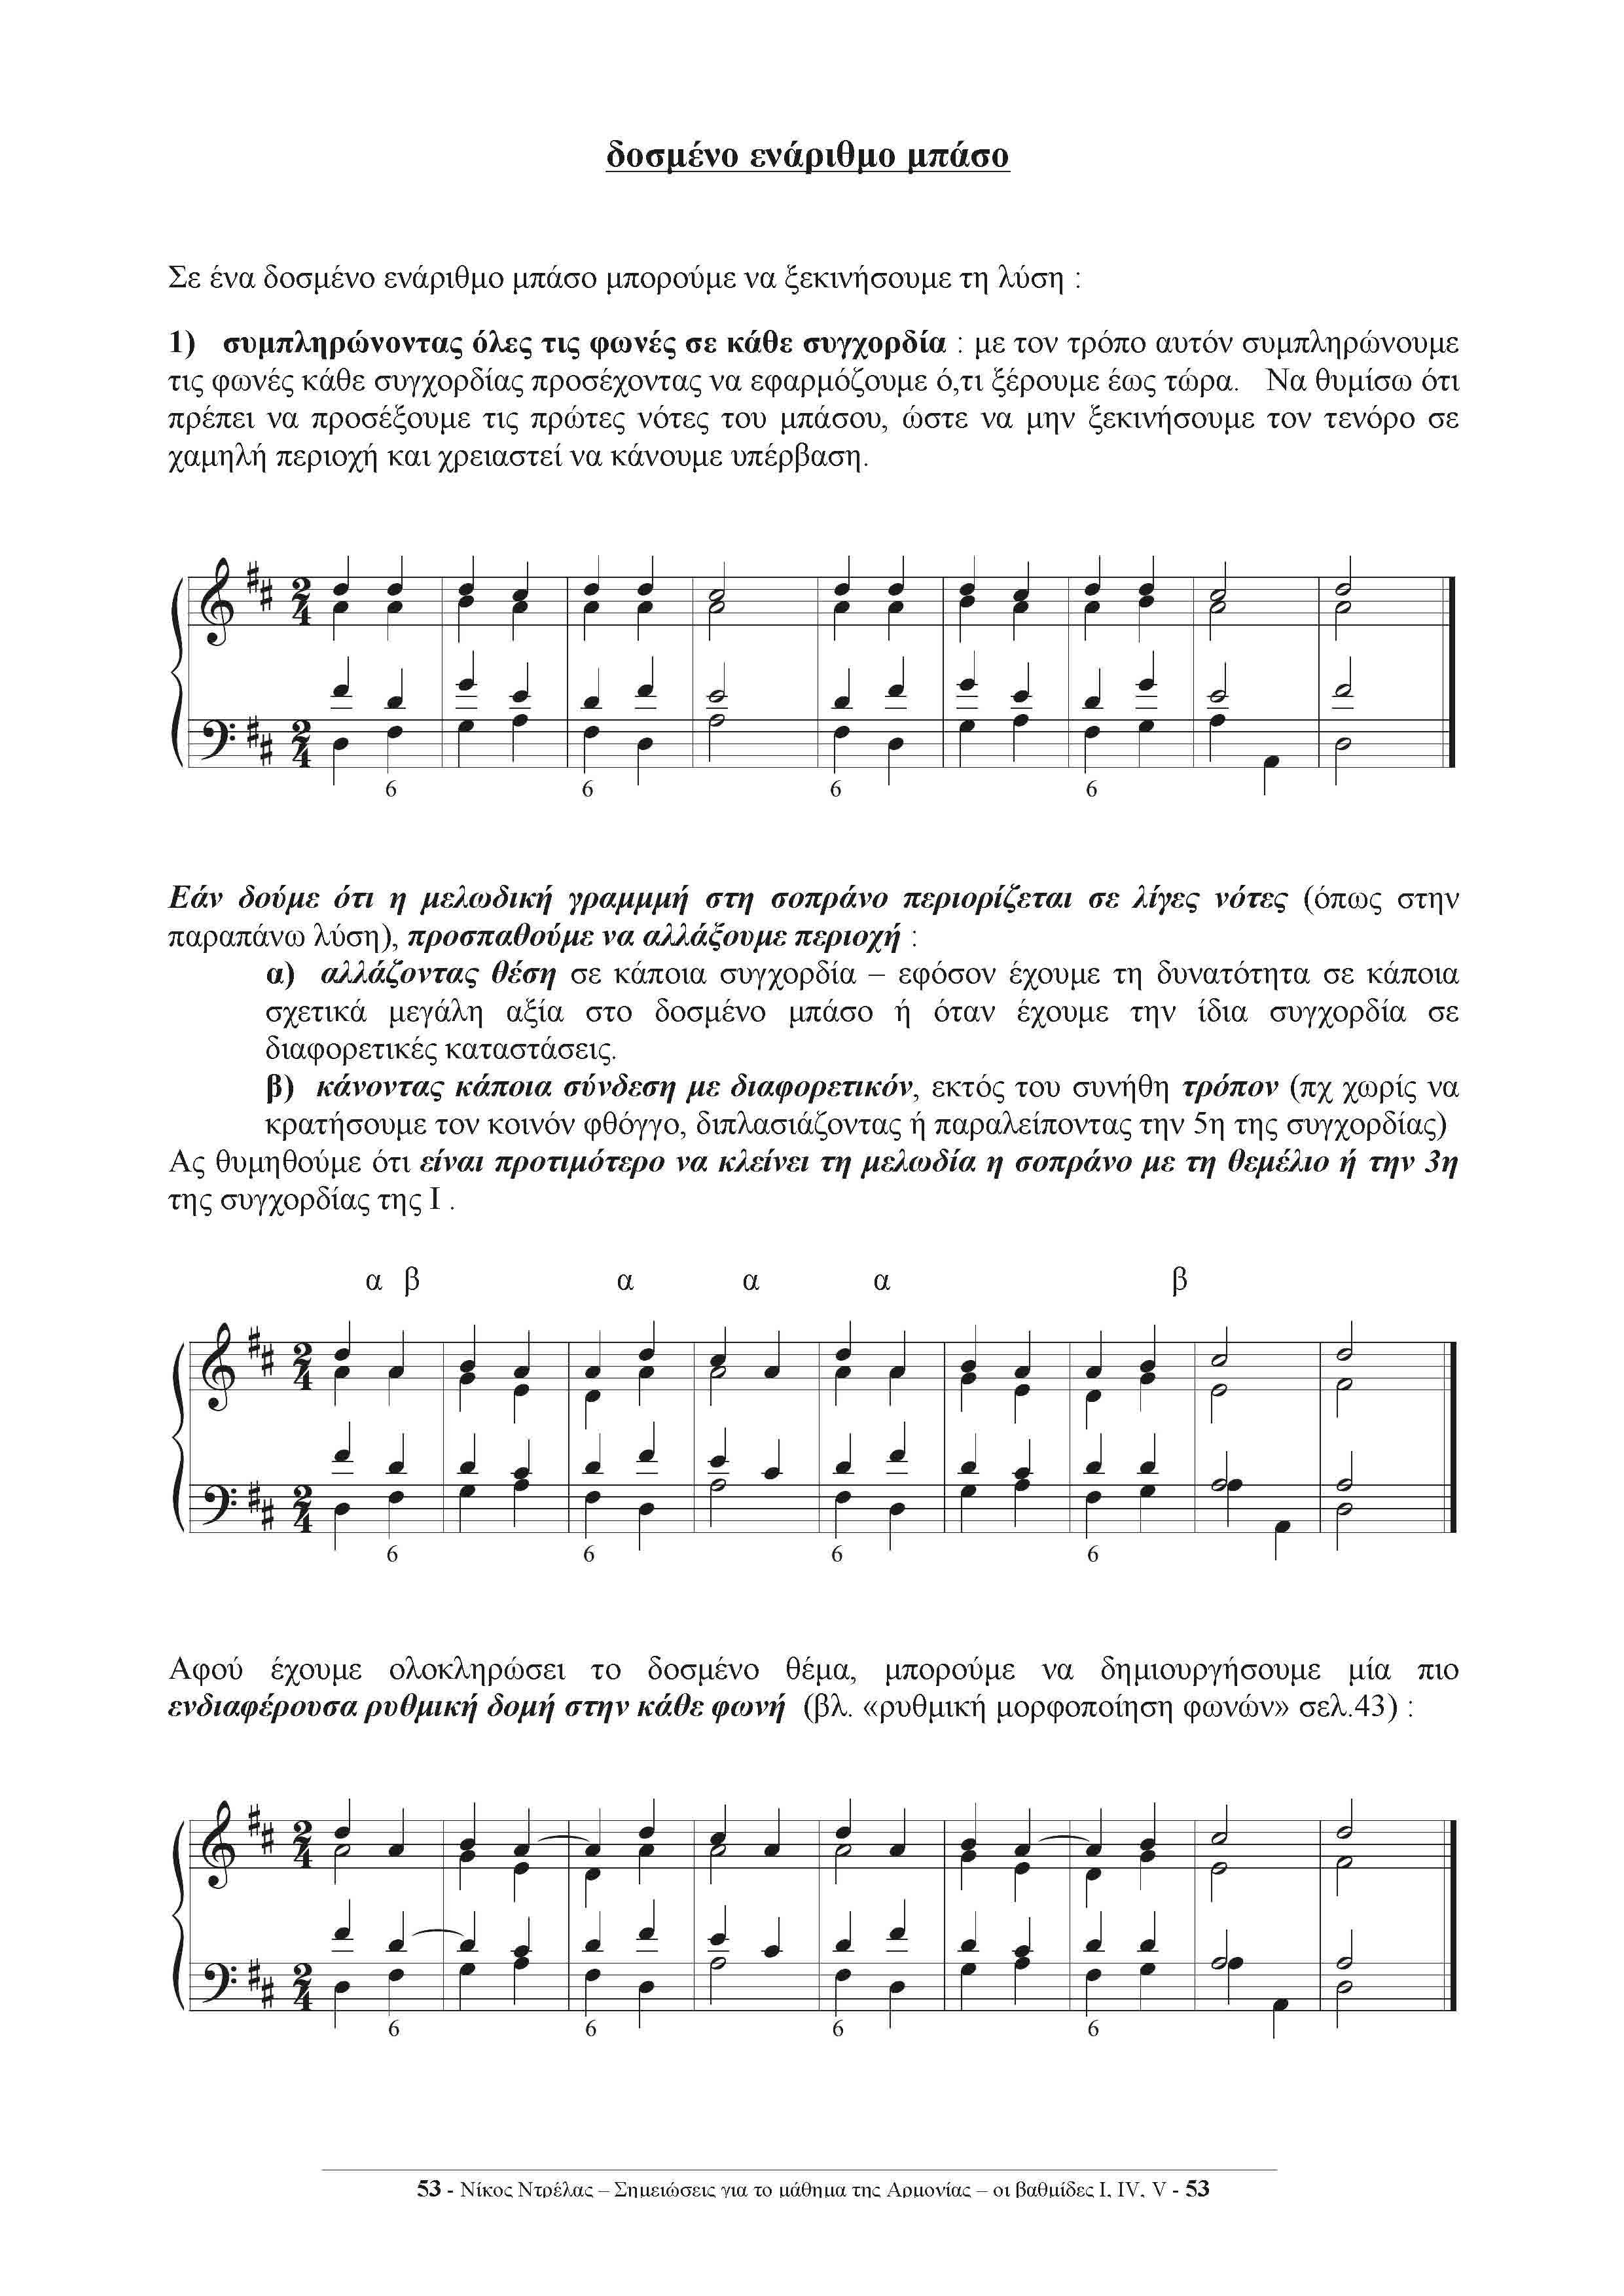 ΣΗΜΕΙΩΣΕΙΣ ΑΡΜΟΝΙΑΣ_Page_57